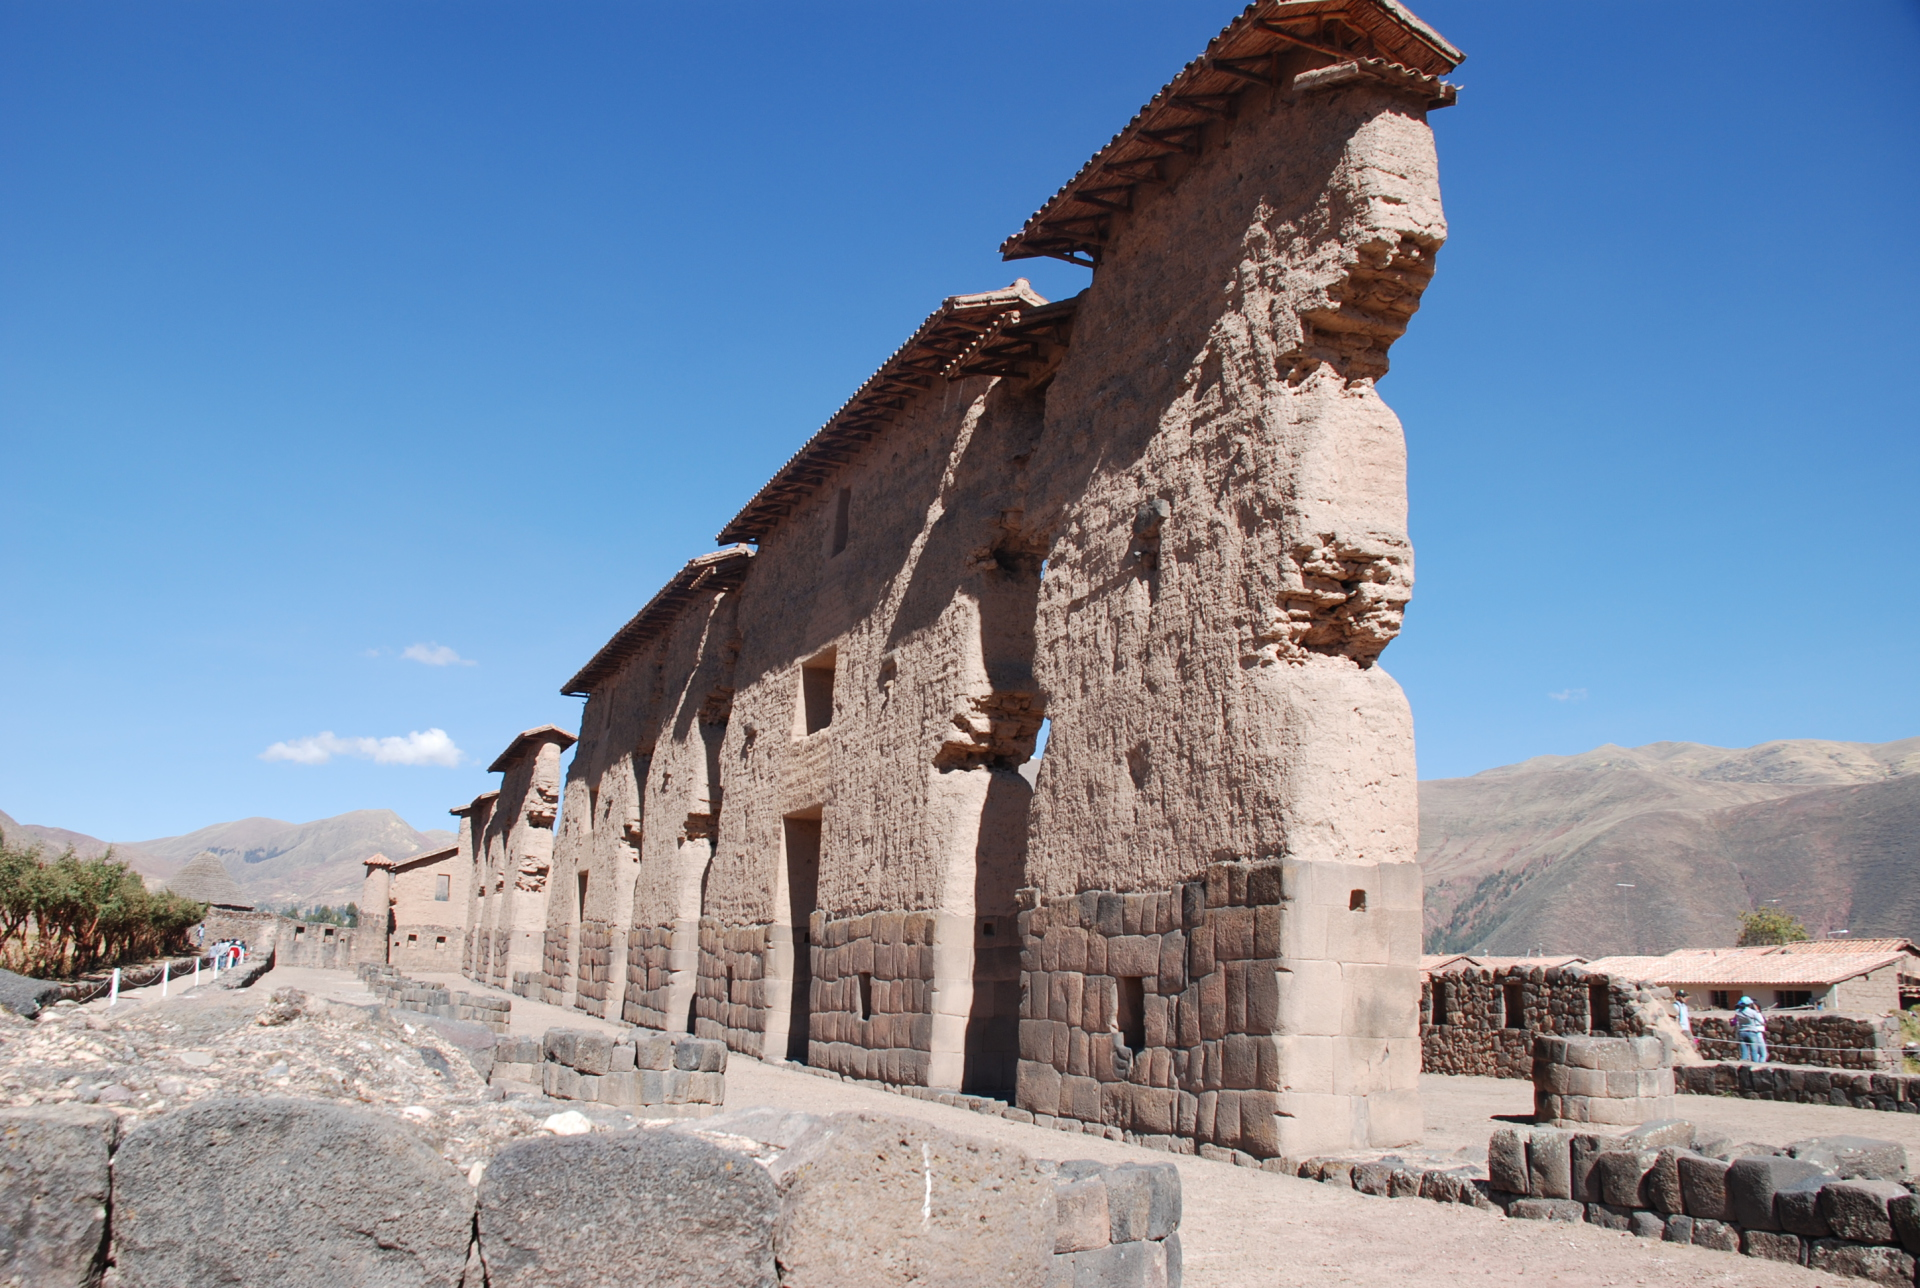 Peru - Remains of Pre-Colonial Religious Center